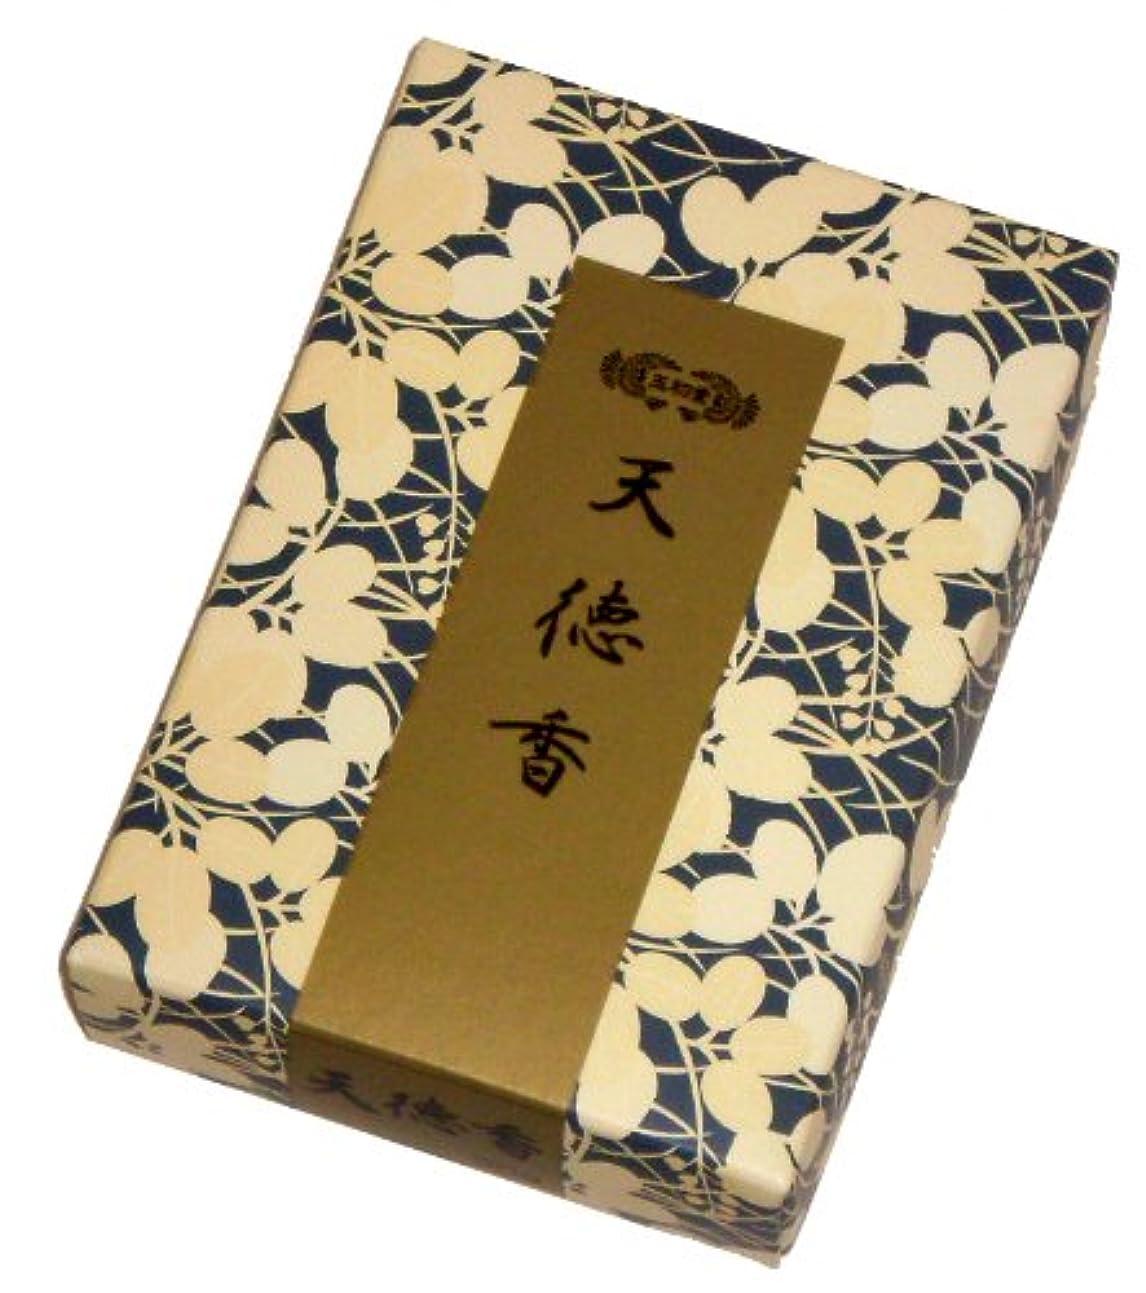 バラエティ予想する認める玉初堂のお香 天徳香 30g #655